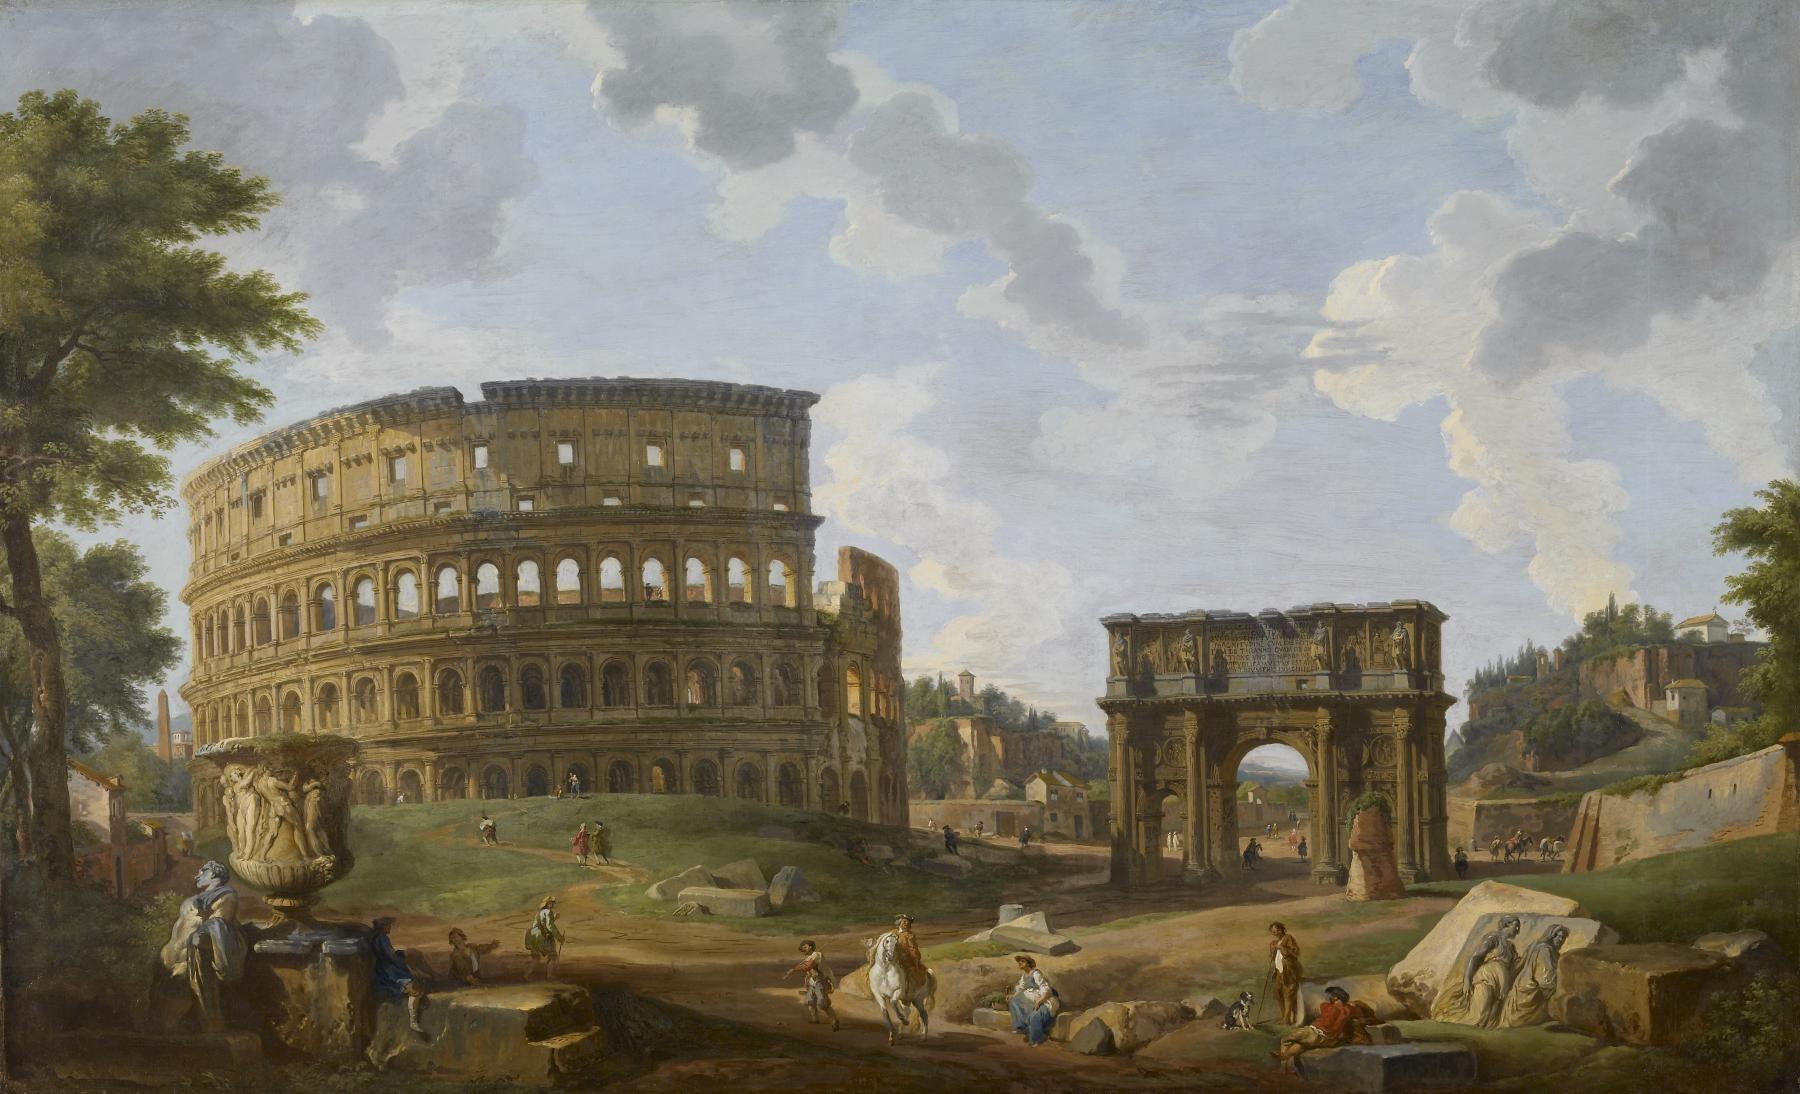 Pintura Del Coliseo Romano En Las Ruinas De Roma Por